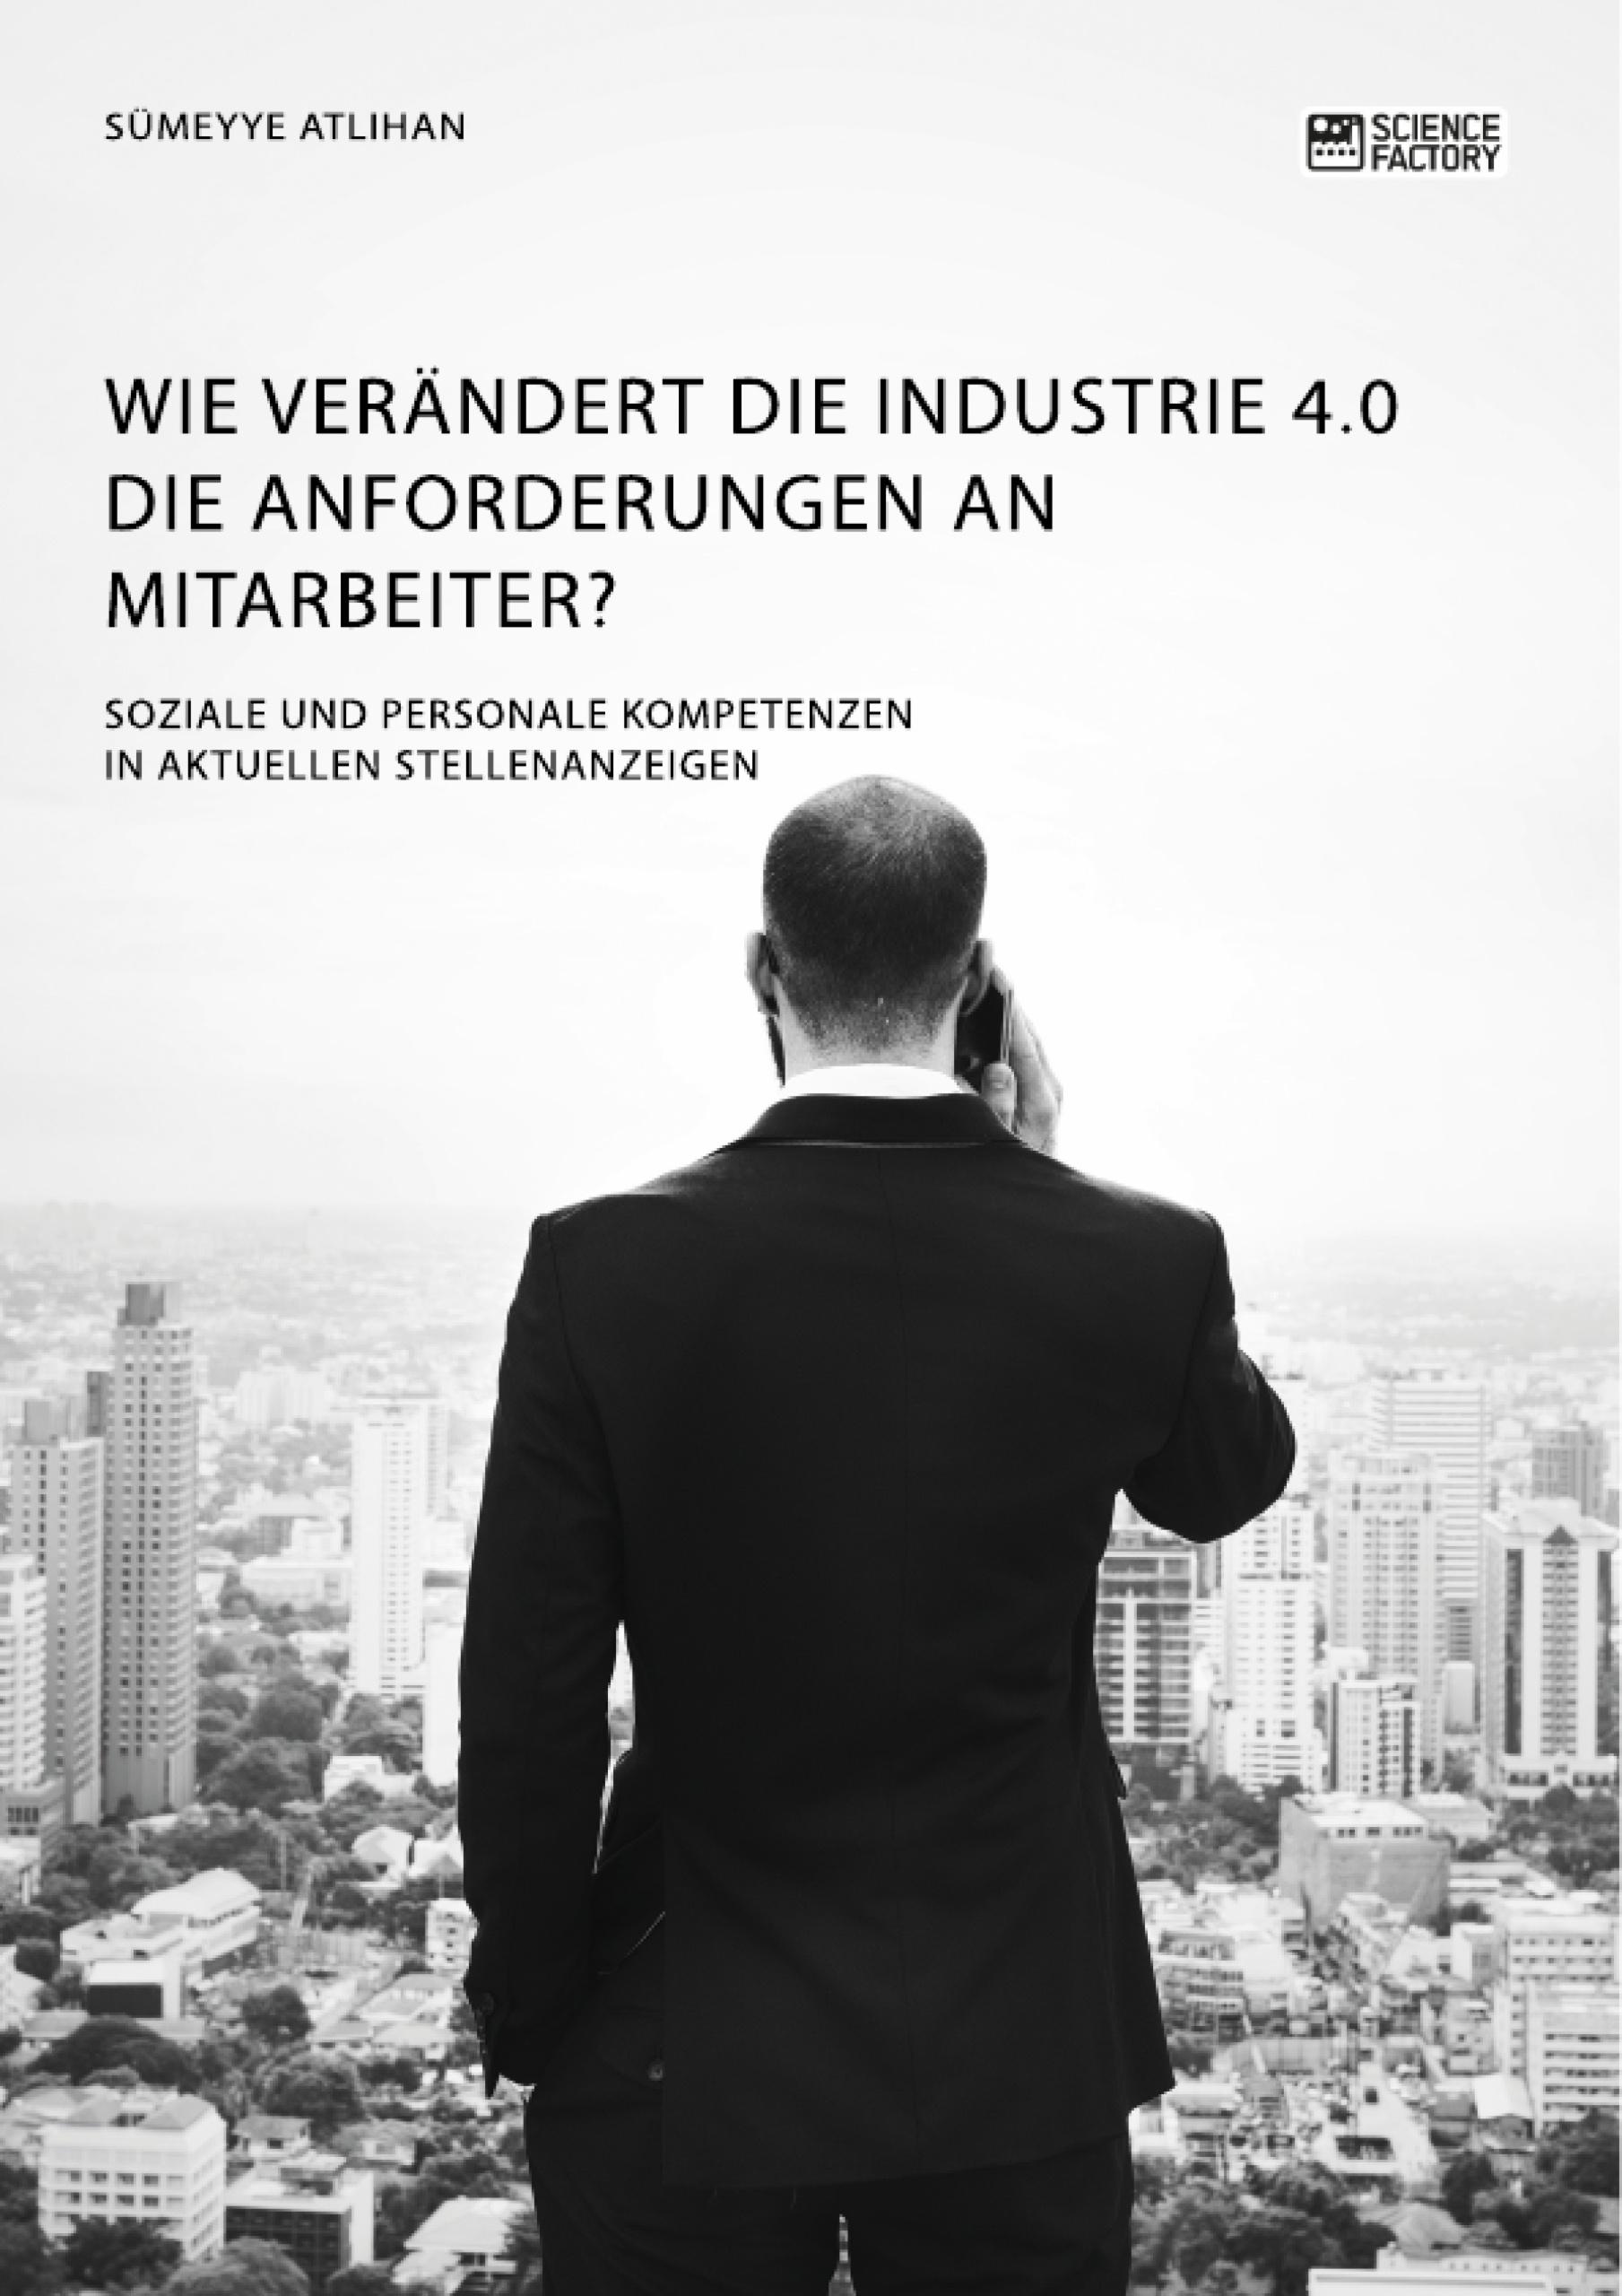 Titel: Wie verändert die Industrie 4.0 die Anforderungen an Mitarbeiter? Soziale und personale Kompetenzen in aktuellen Stellenanzeigen